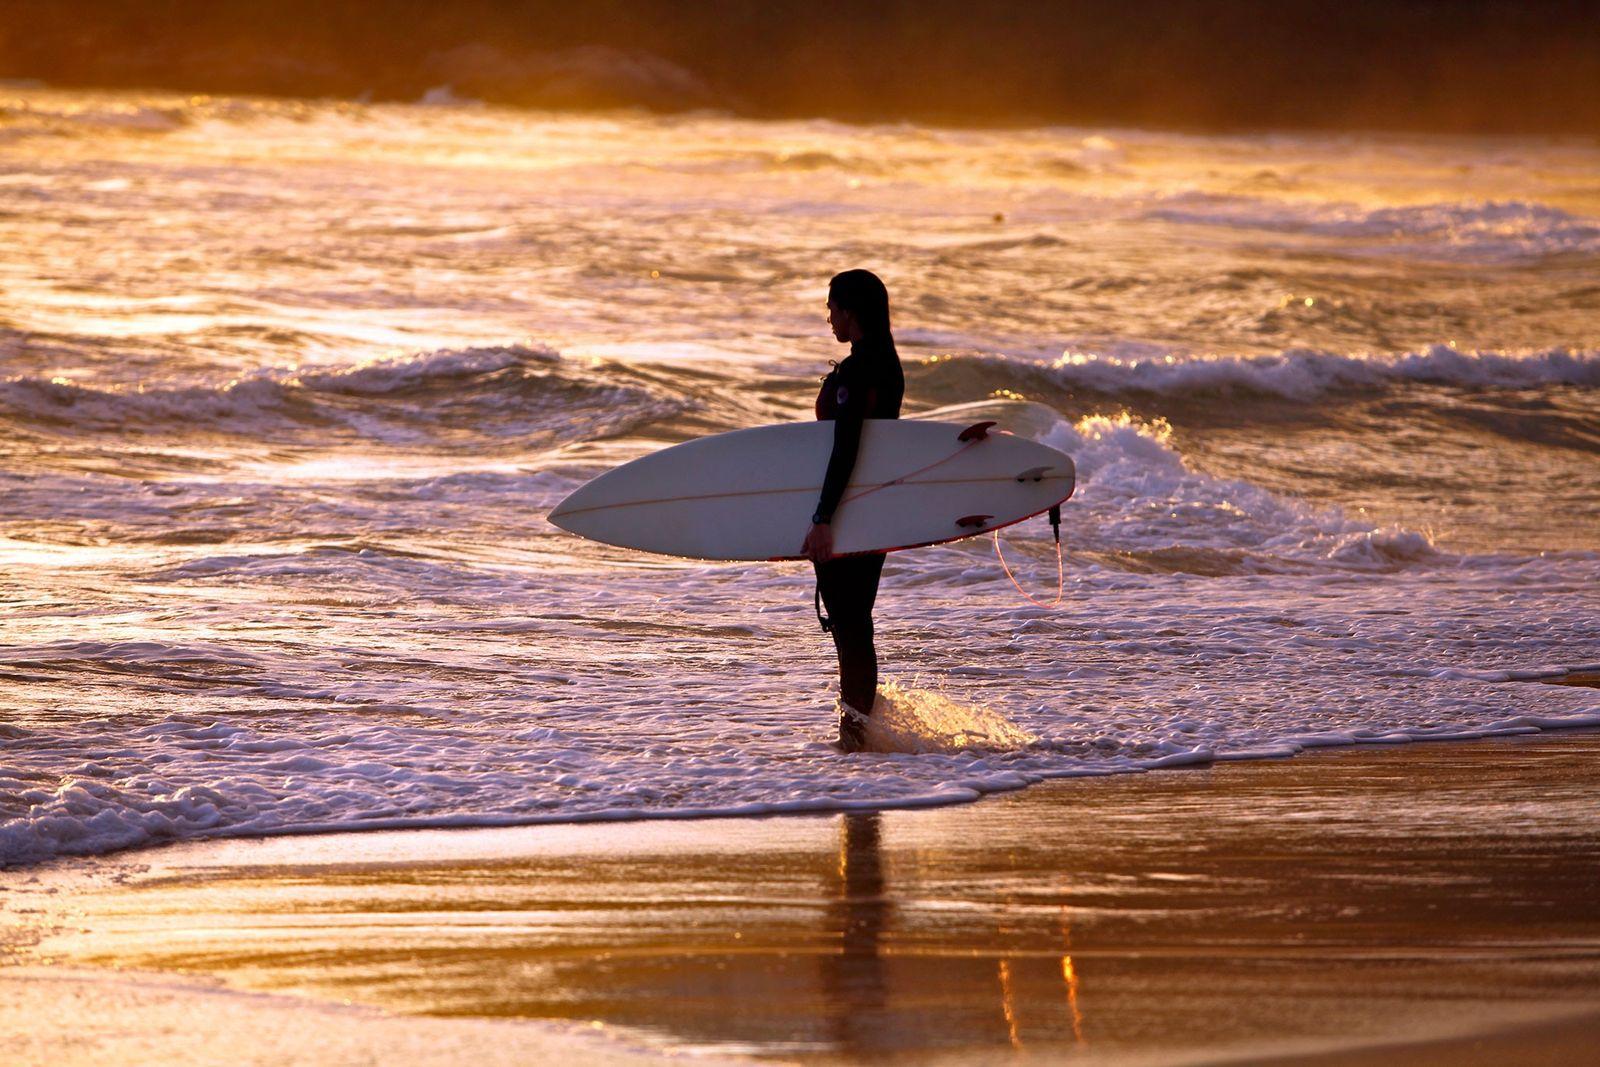 Diante da pandemia, federação de surf quer voltar ao mar